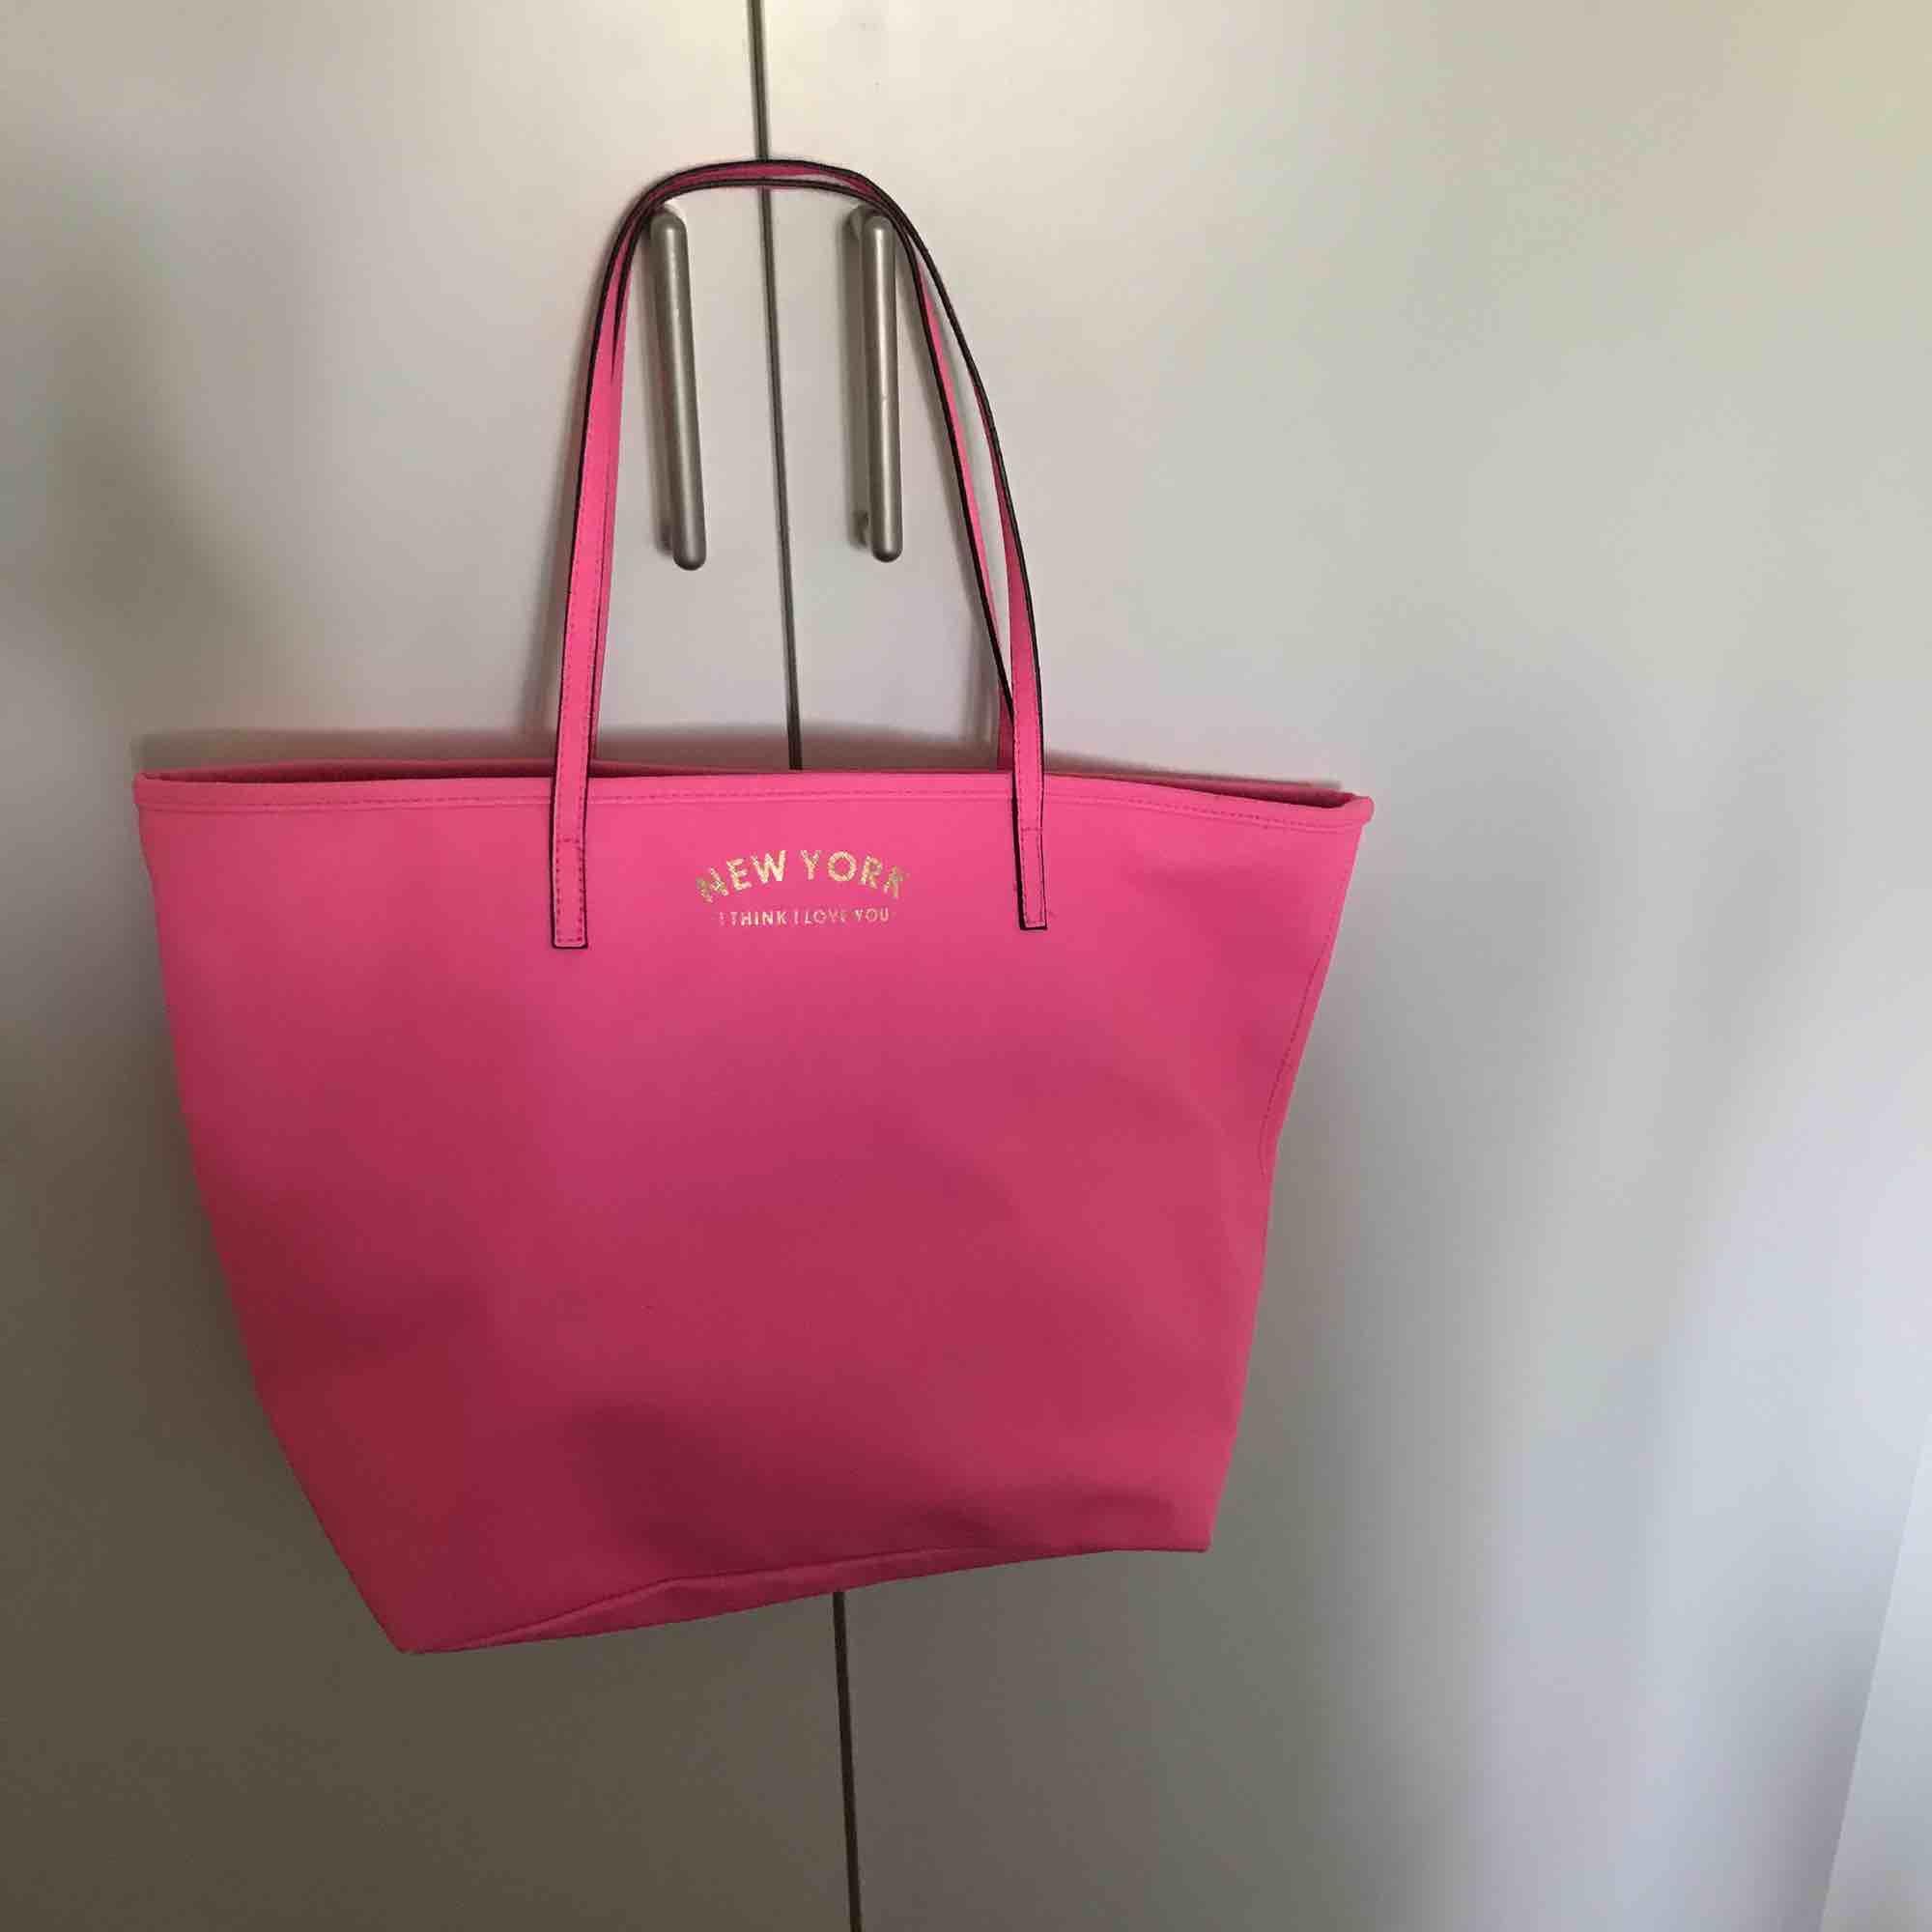 """Jättesnygg väska från H&M. Fin rosa färg med en guldig test """" NEW YORK - I THINK I LIVE YOU"""". På insidan är det ett fint mäster. Väskan är använd en gång för test. Det går att pruta om båda är överens. . Väskor."""